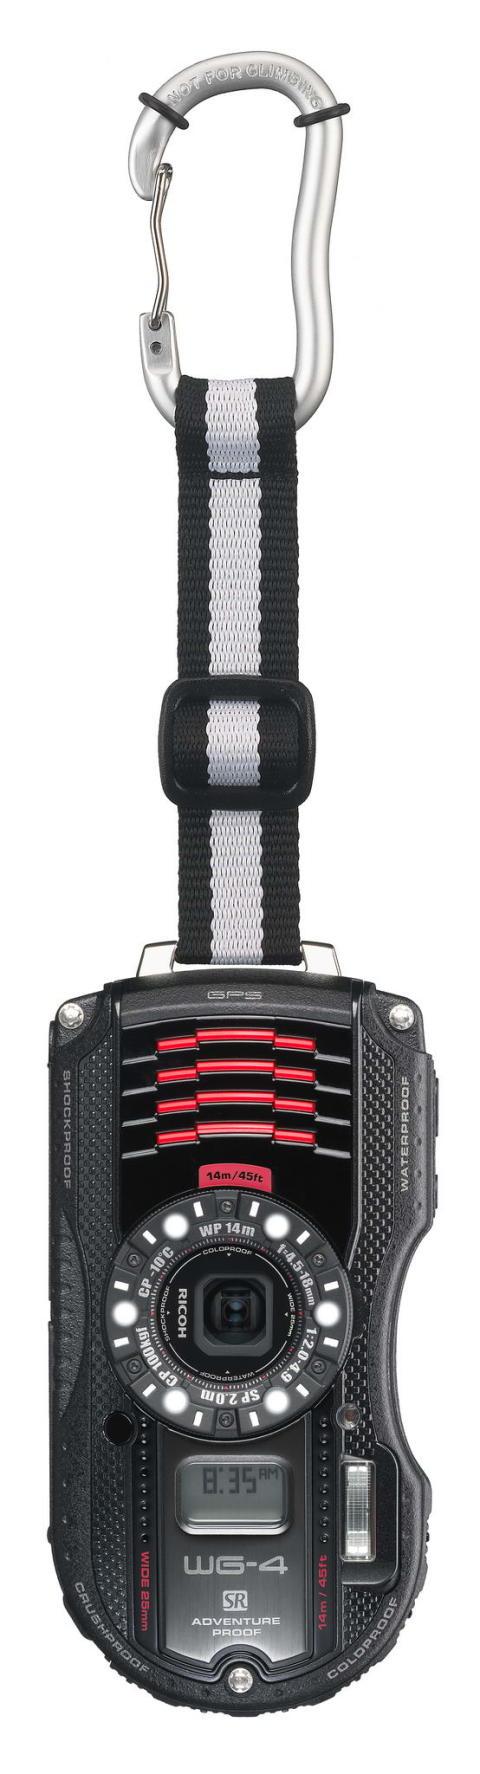 Ricoh WG-4 GPS sort med karabinkrok